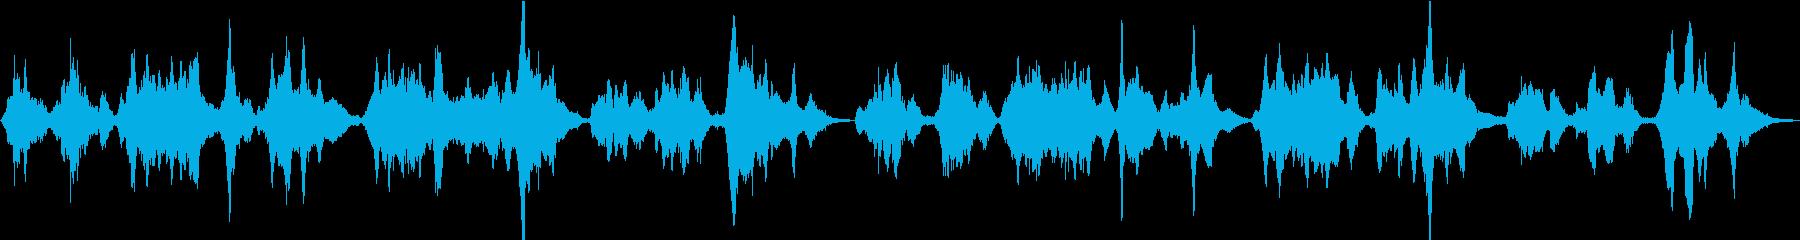 二胡が歌う日本の春「さくらさくら」の再生済みの波形